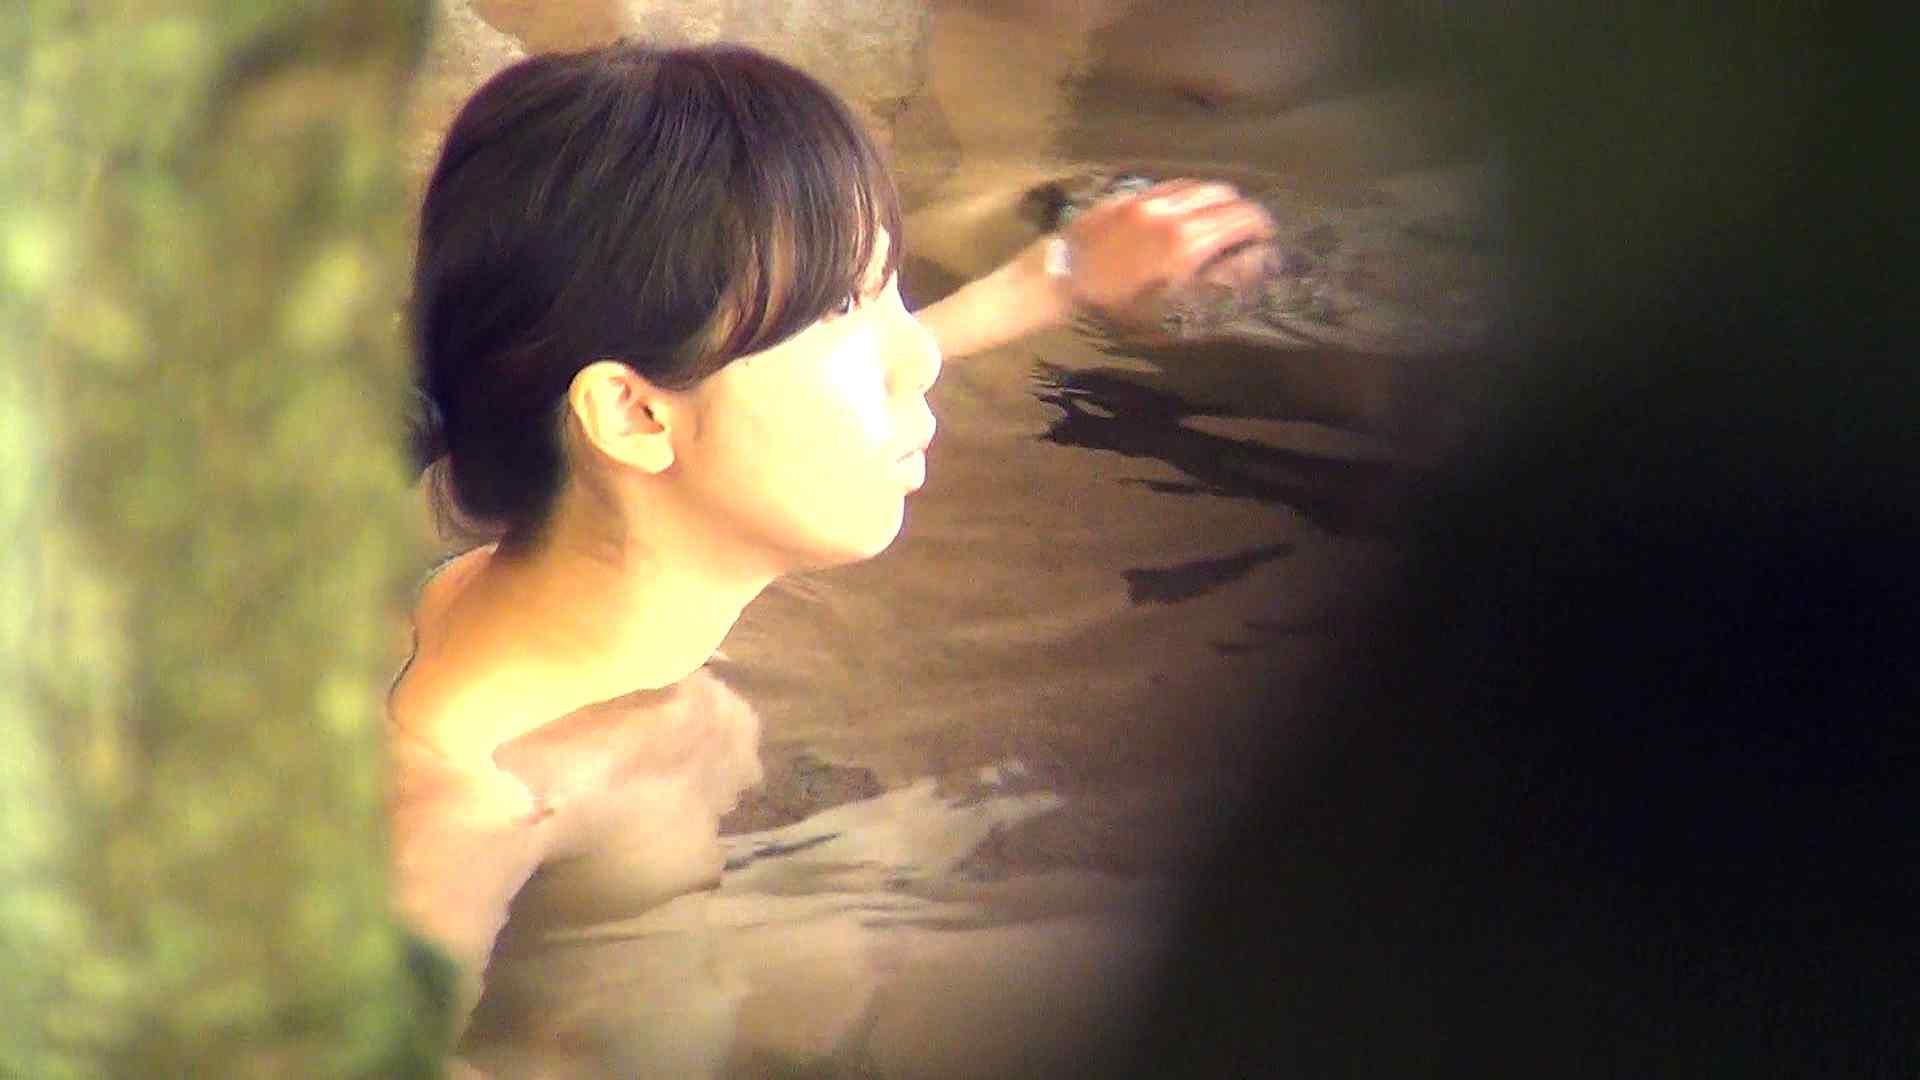 Aquaな露天風呂Vol.285 OLすけべ画像 SEX無修正画像 97連発 11